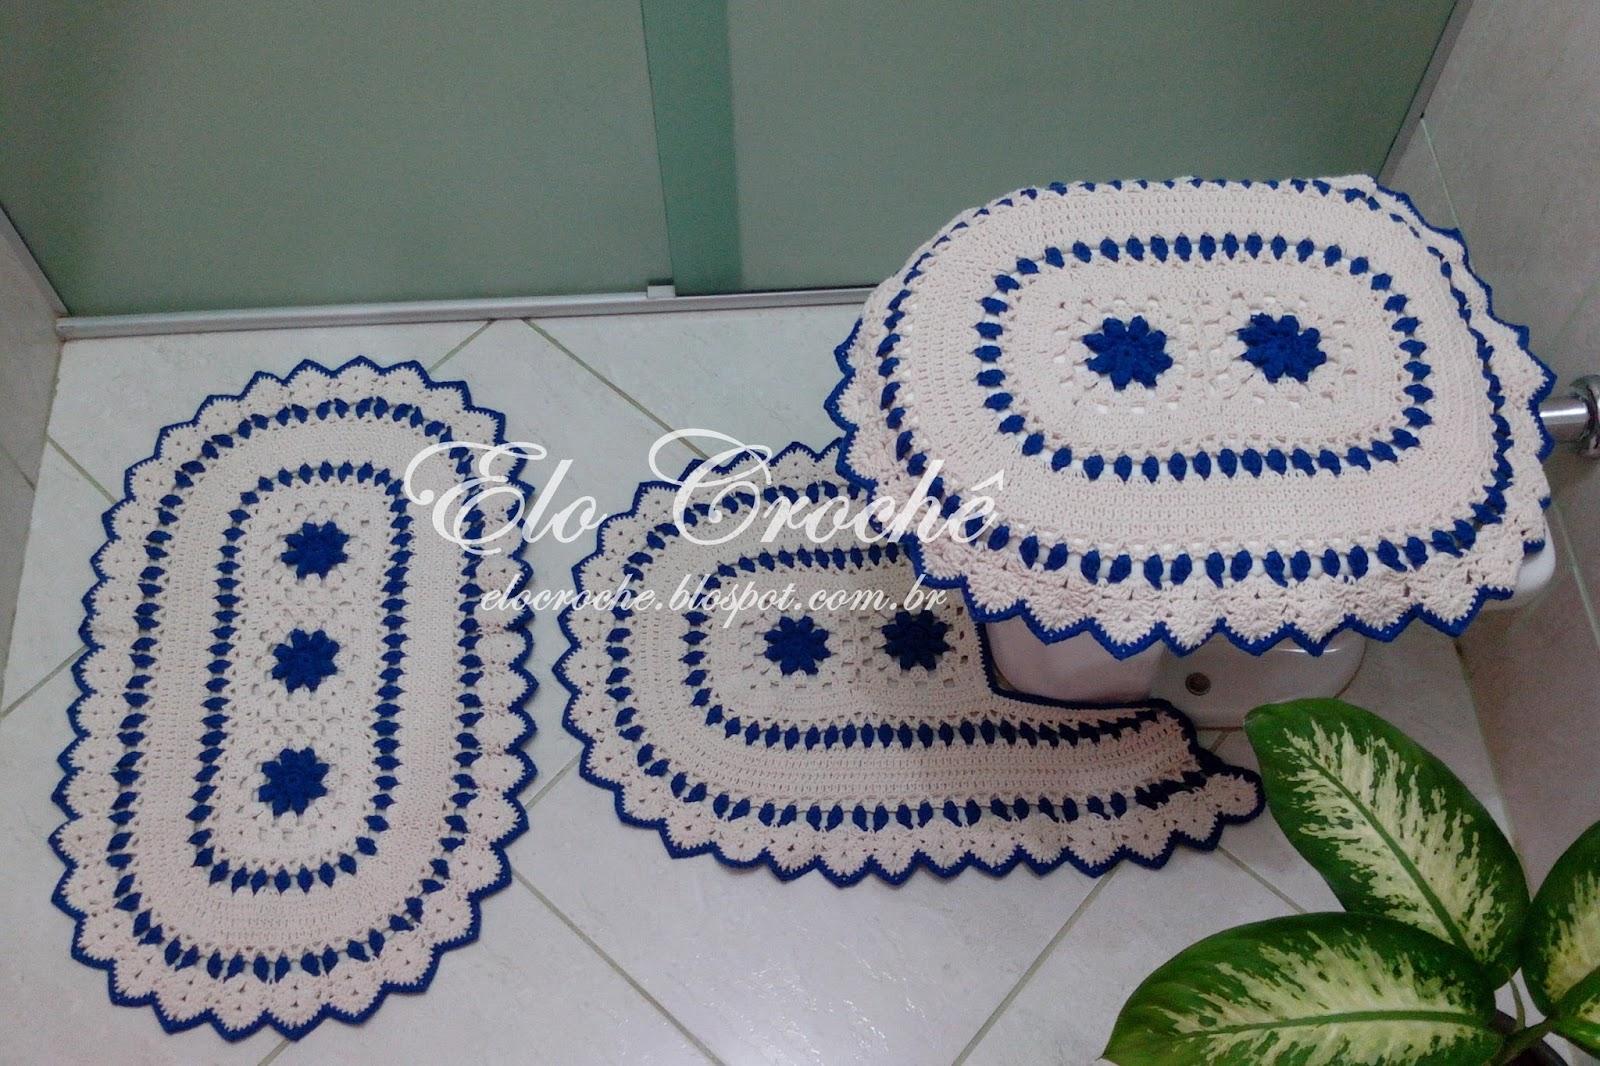 Jogo De Banheiro Azul Em Croche : Elo croch? by eloiza castro jogo de banheiro em croch?